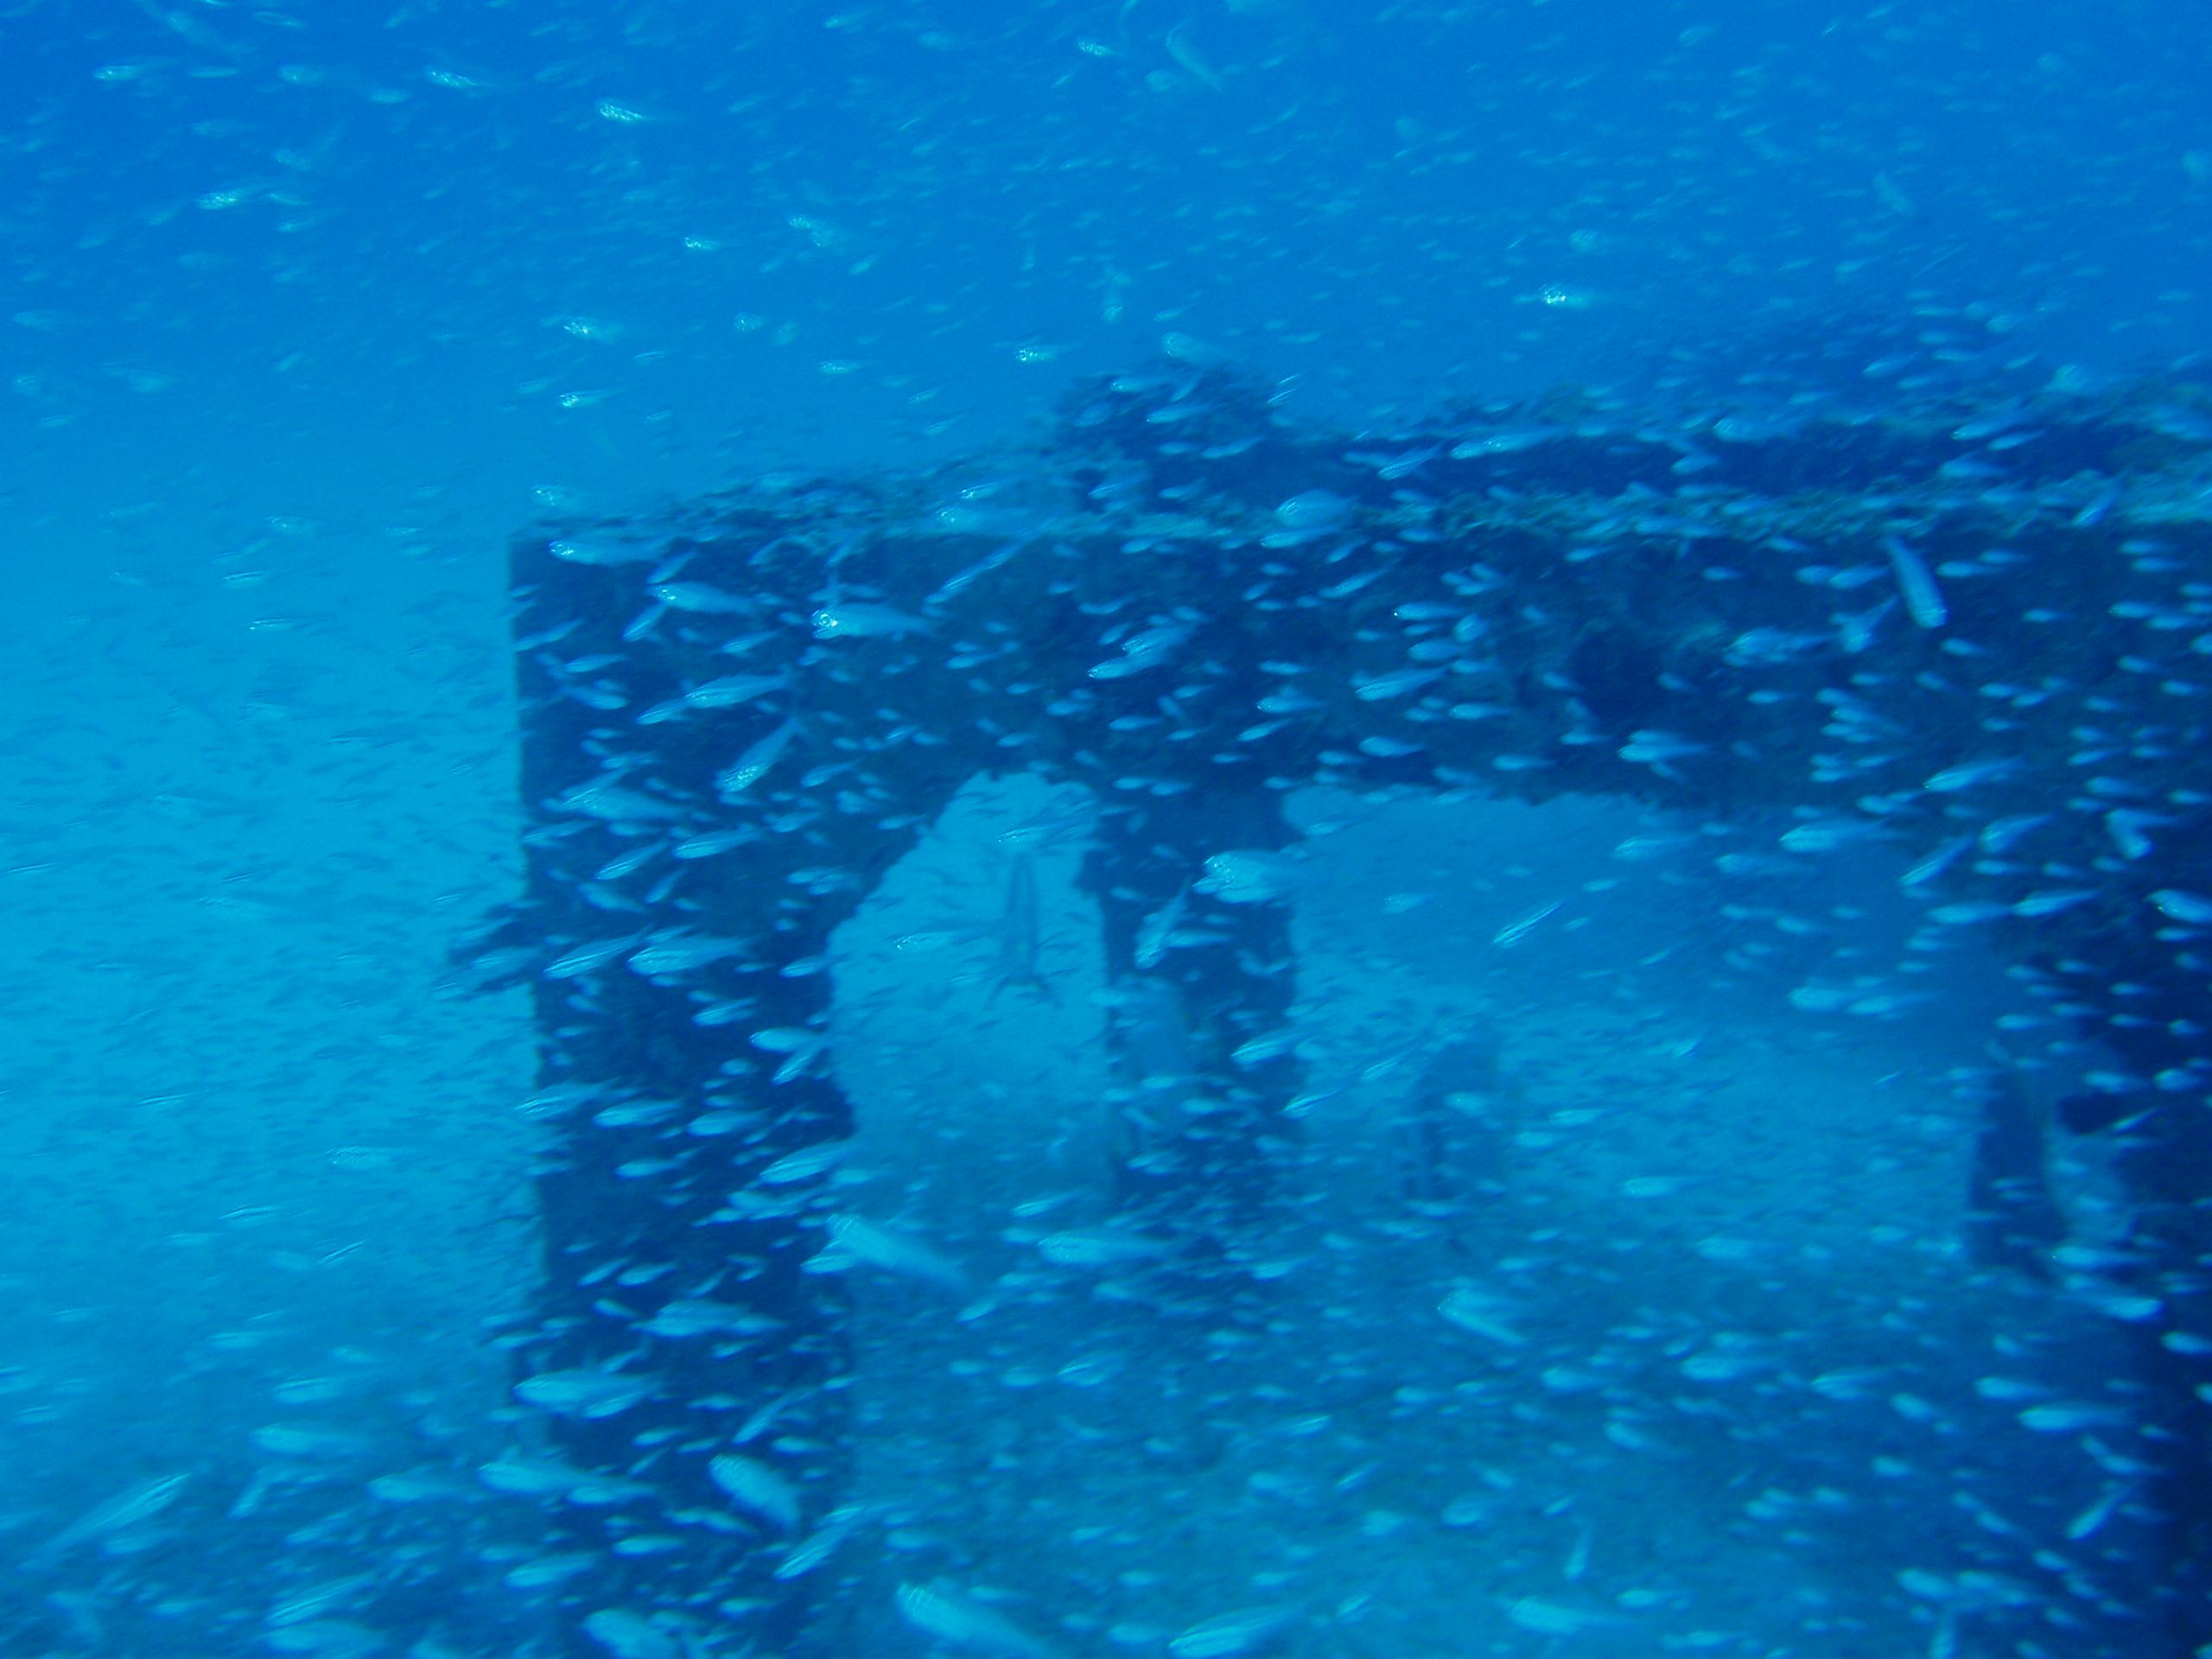 8月2日 ポイント1 アダン下 ポイント2 平瀬 ポイント3 佐久原漁礁 水温28℃ 透明度20m